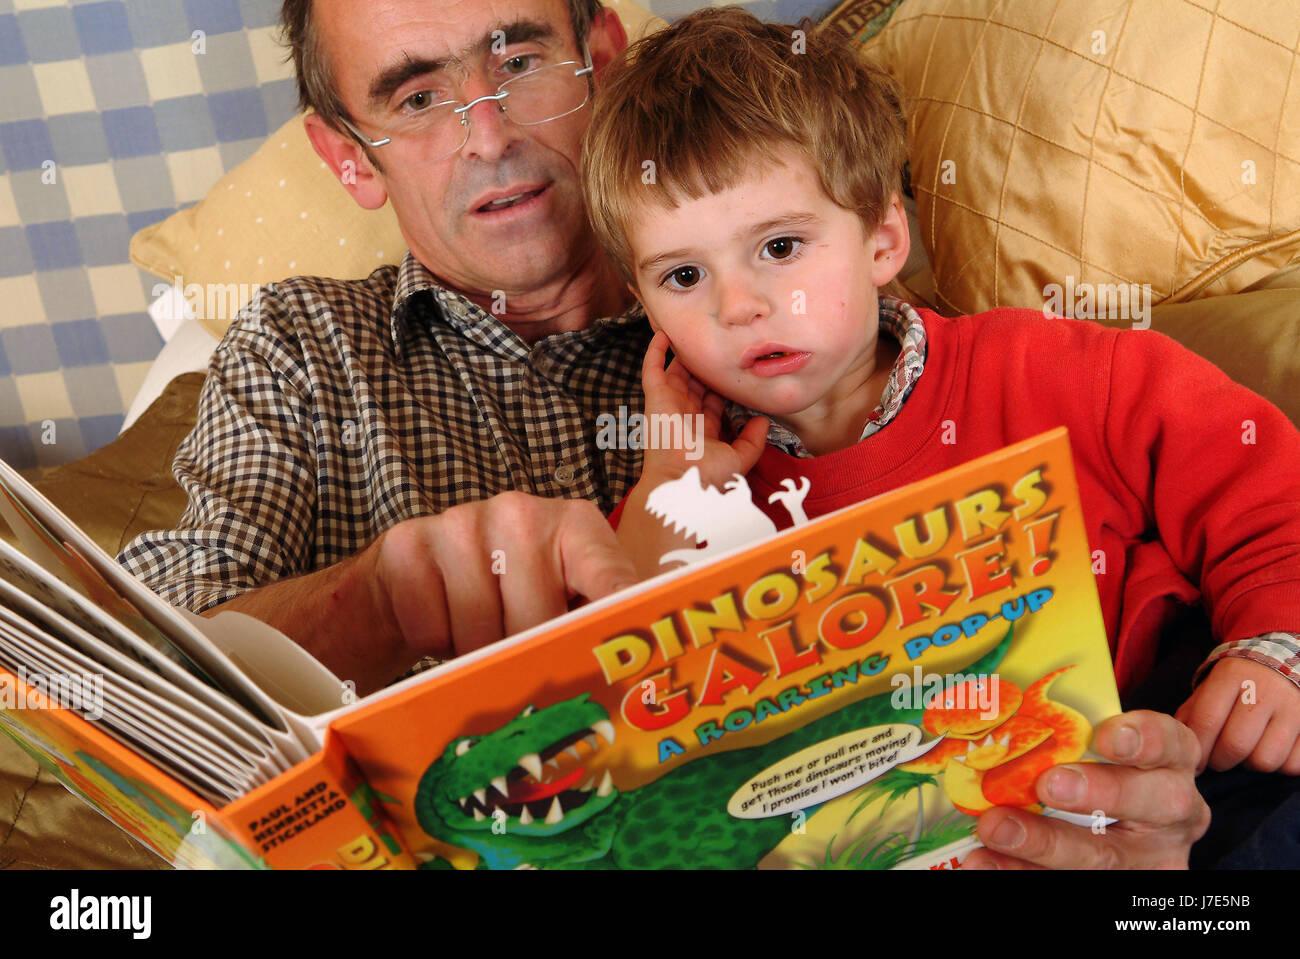 Arthur Read Stock Photos & Arthur Read Stock Images - Alamy